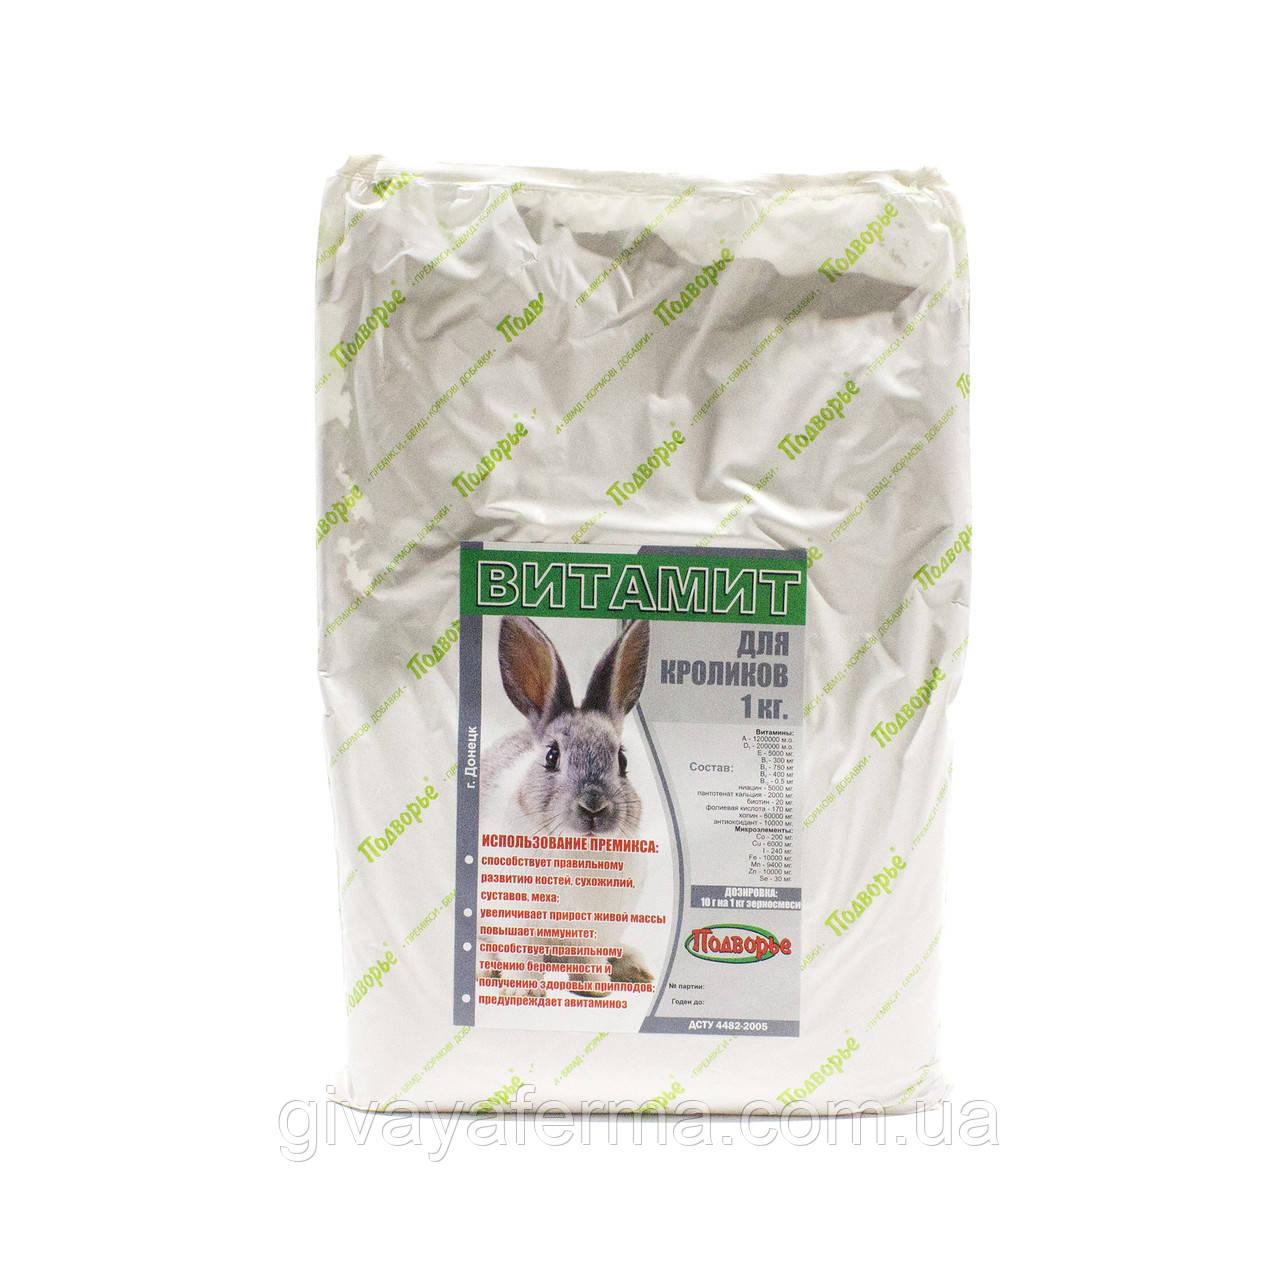 Премикс Витамит - кролик 1%, 1 кг